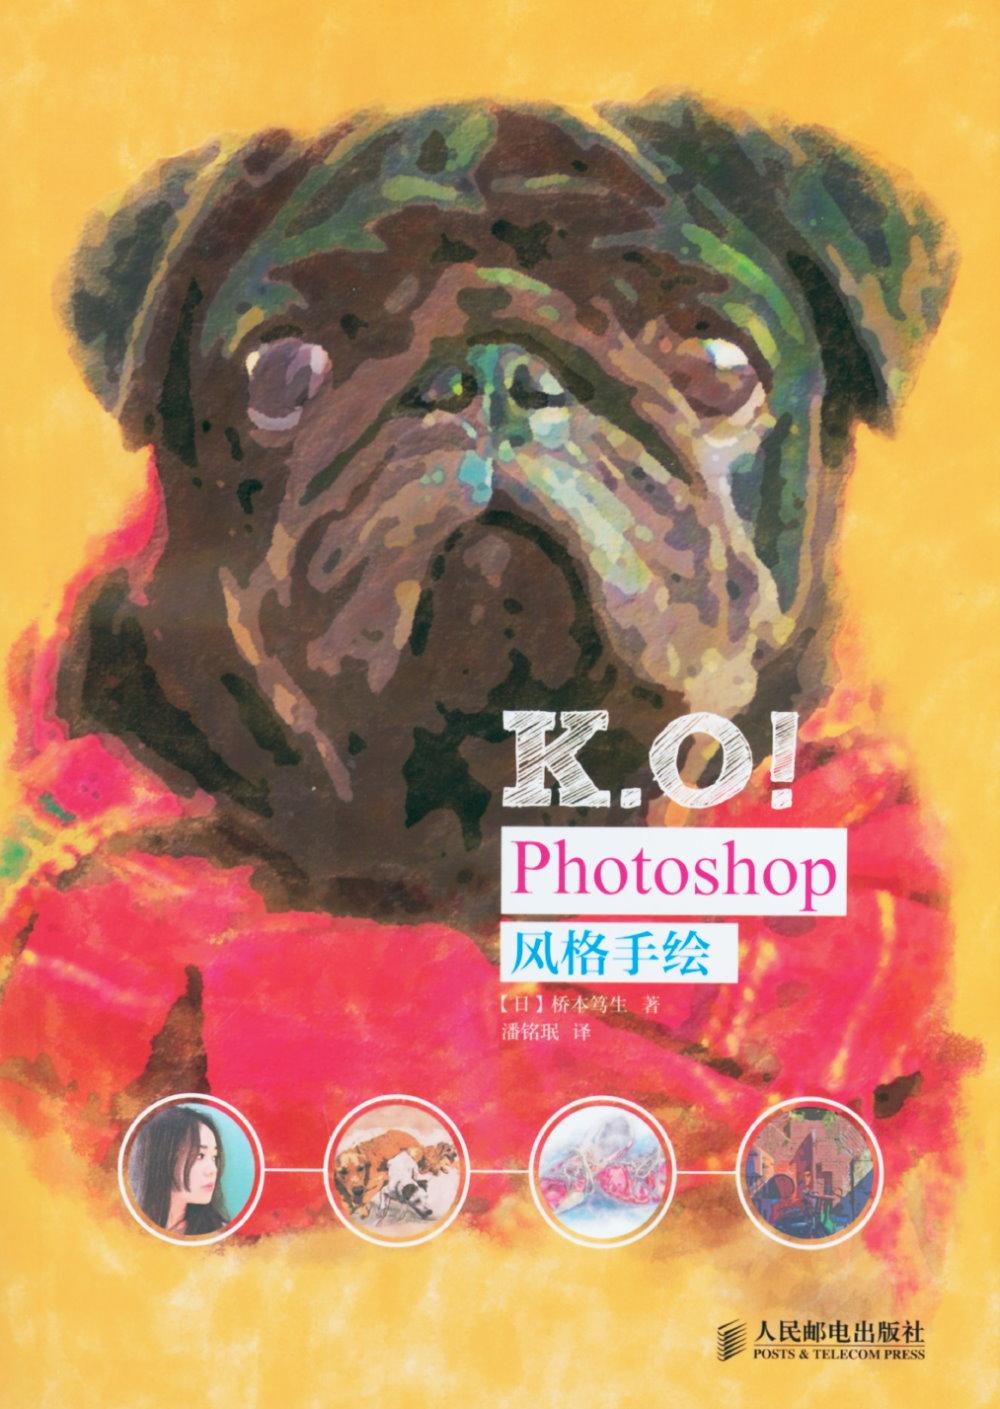 K.O! Photoshop風格手繪